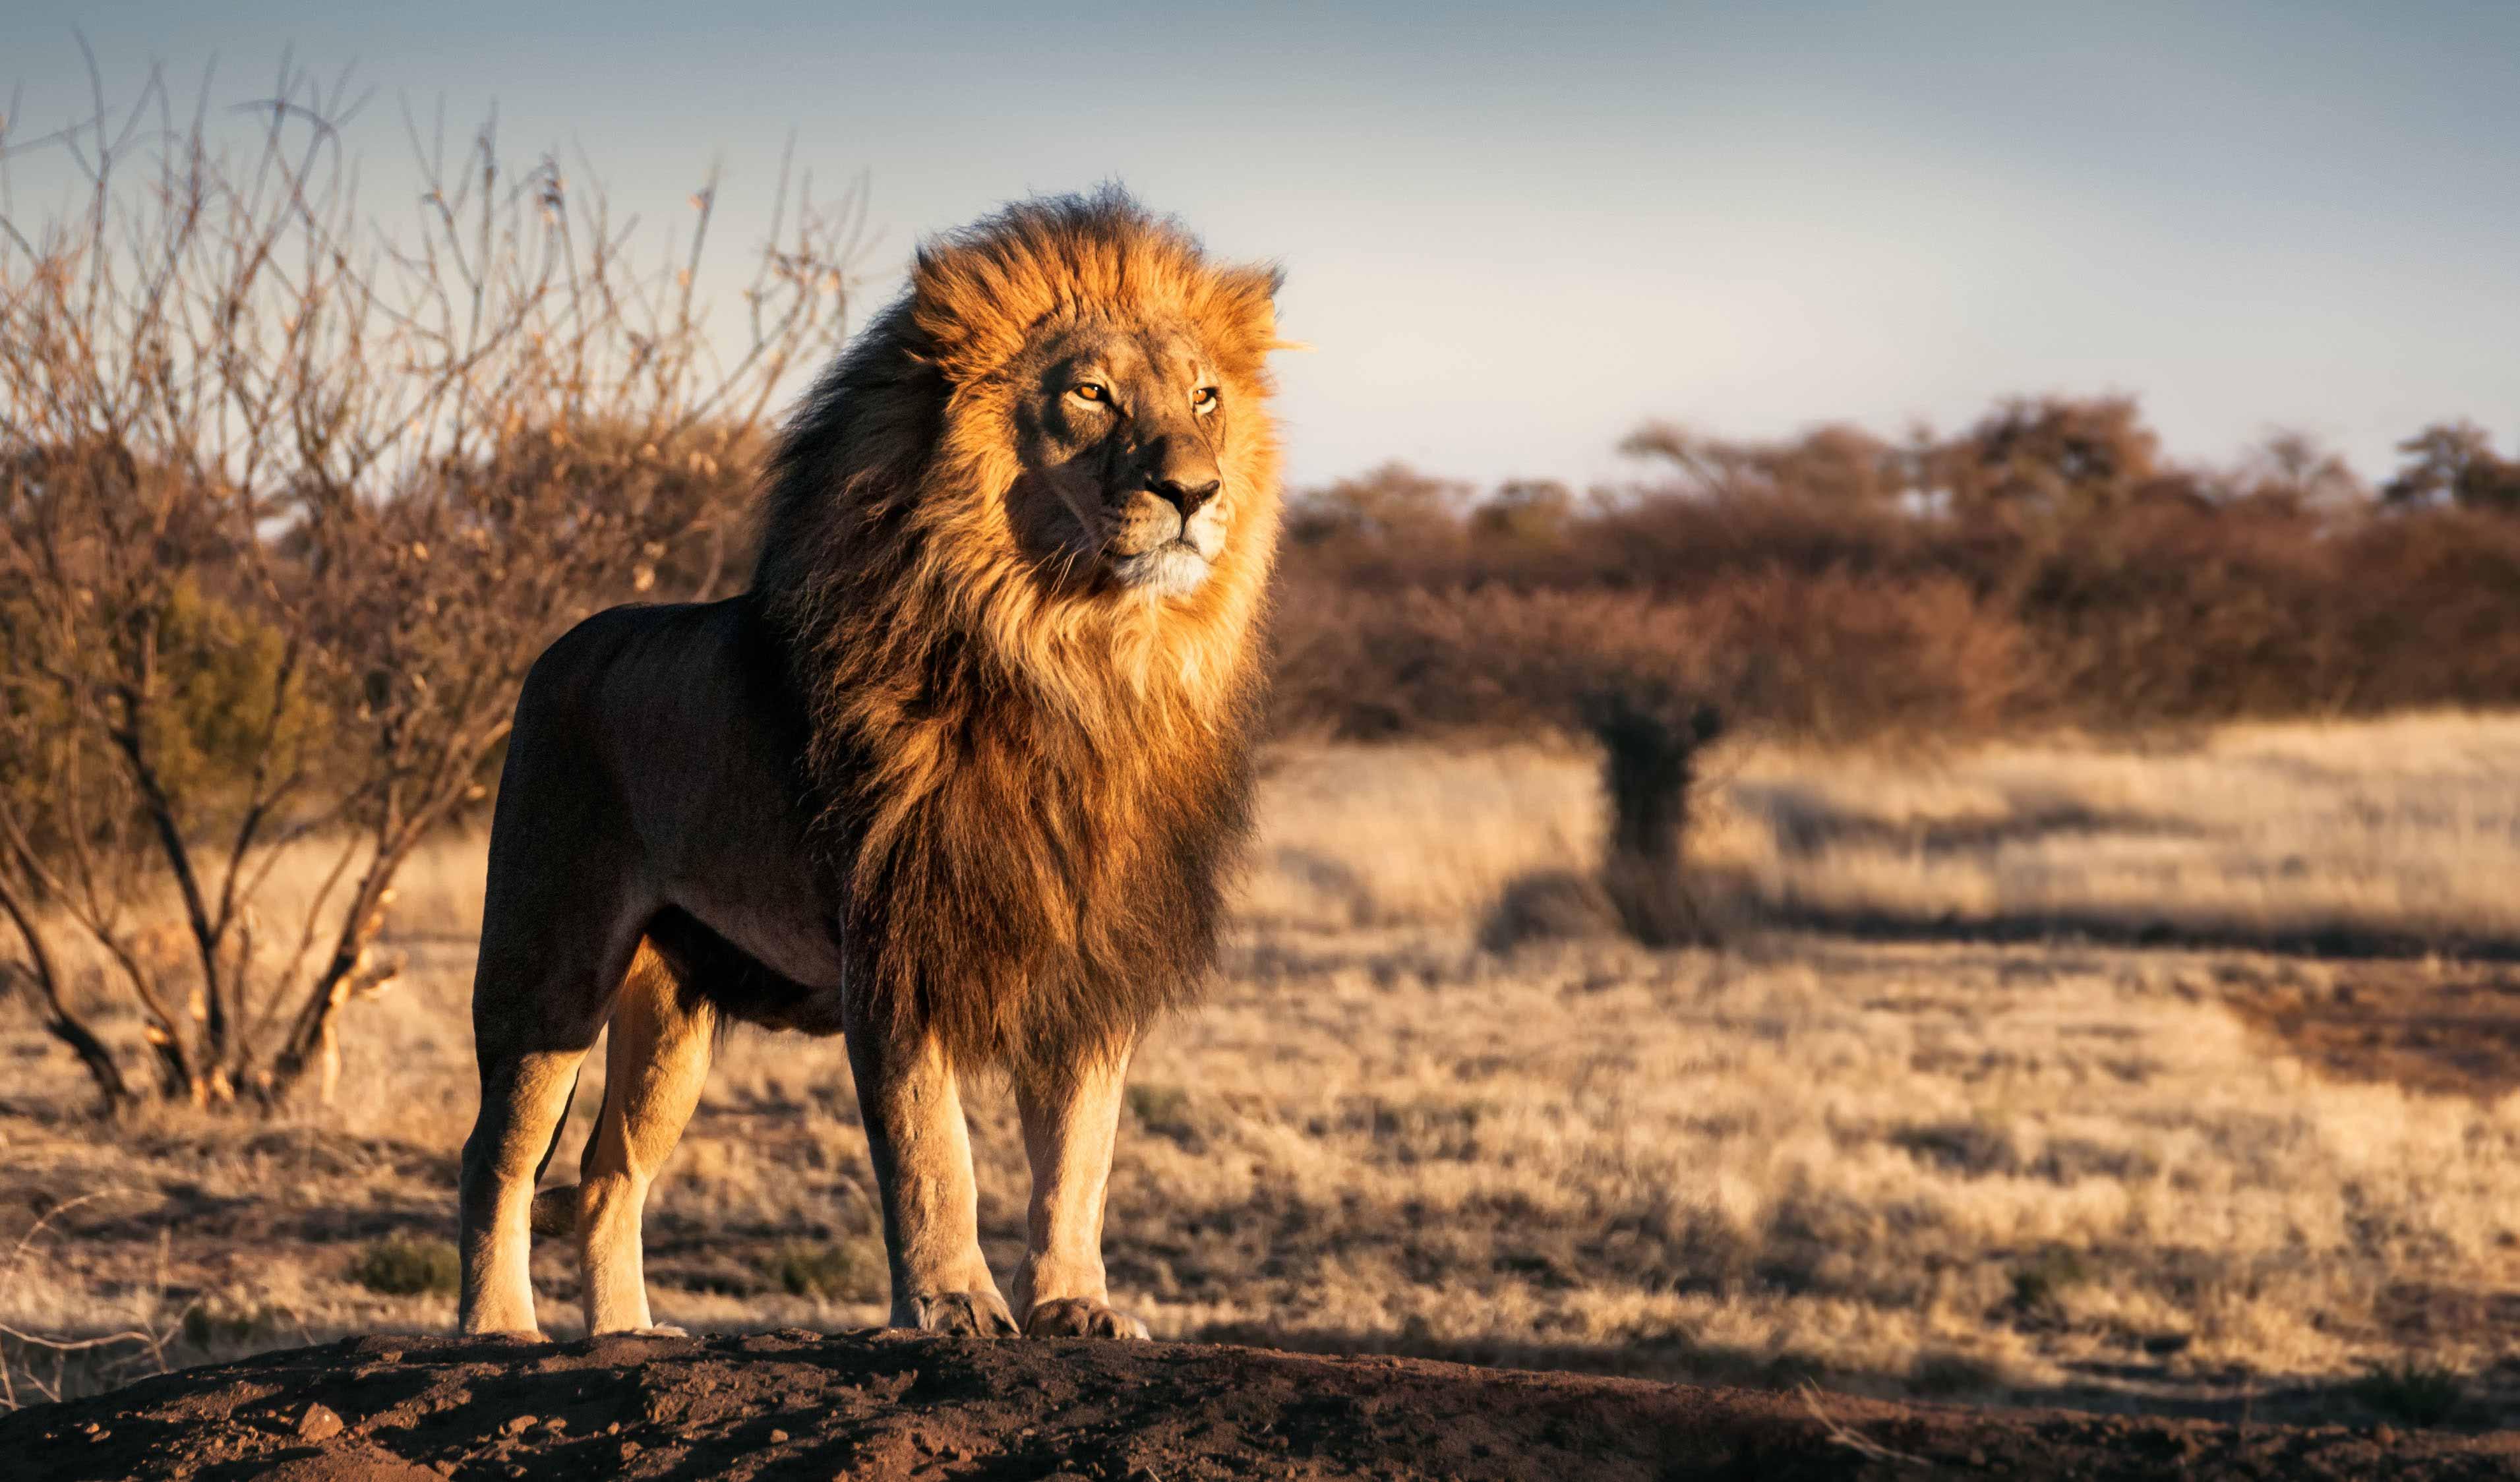 LionHeart Services Group